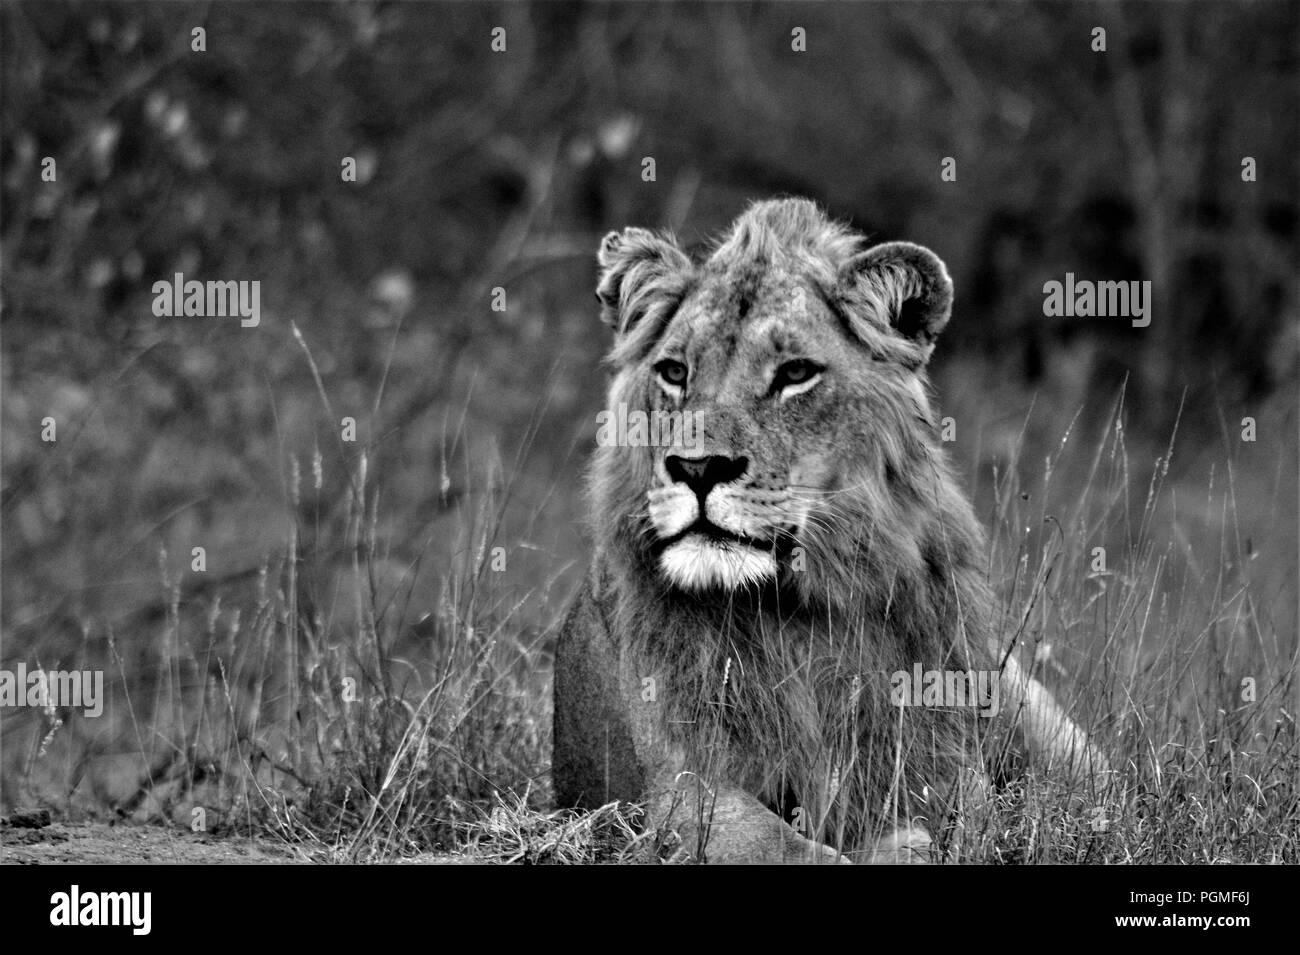 Majestic capretti Lion in nero 'n White Immagini Stock